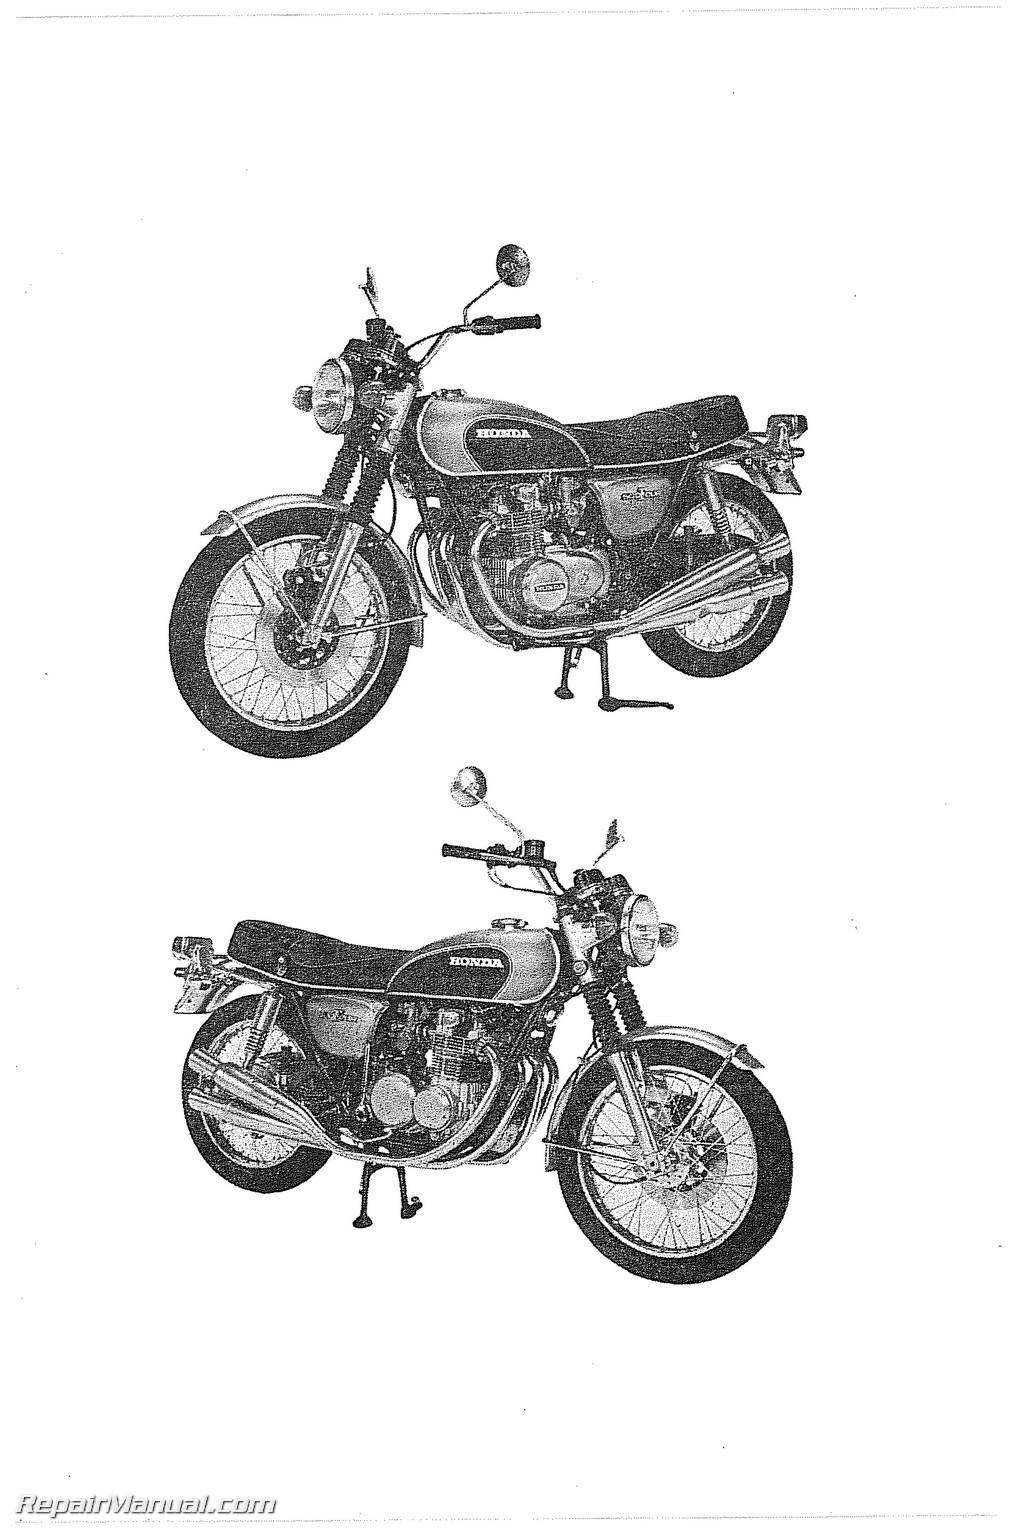 1971 Honda cb500 parts